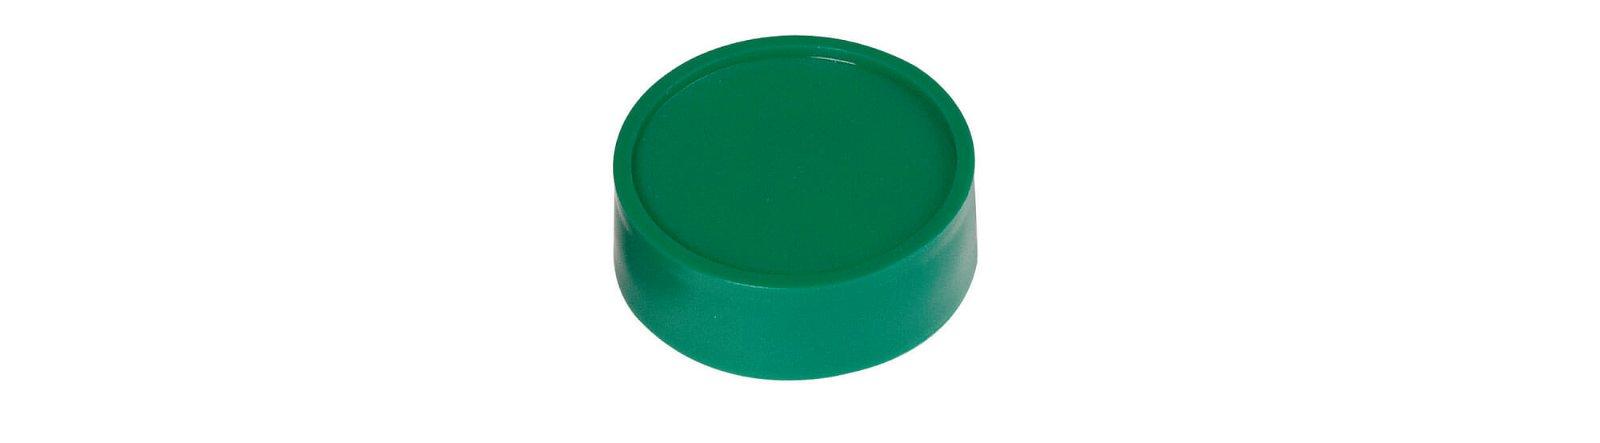 Rund-Magnet, PE Ø 34 mm, 2 kg Haftkraft, 10 St./Set, grün